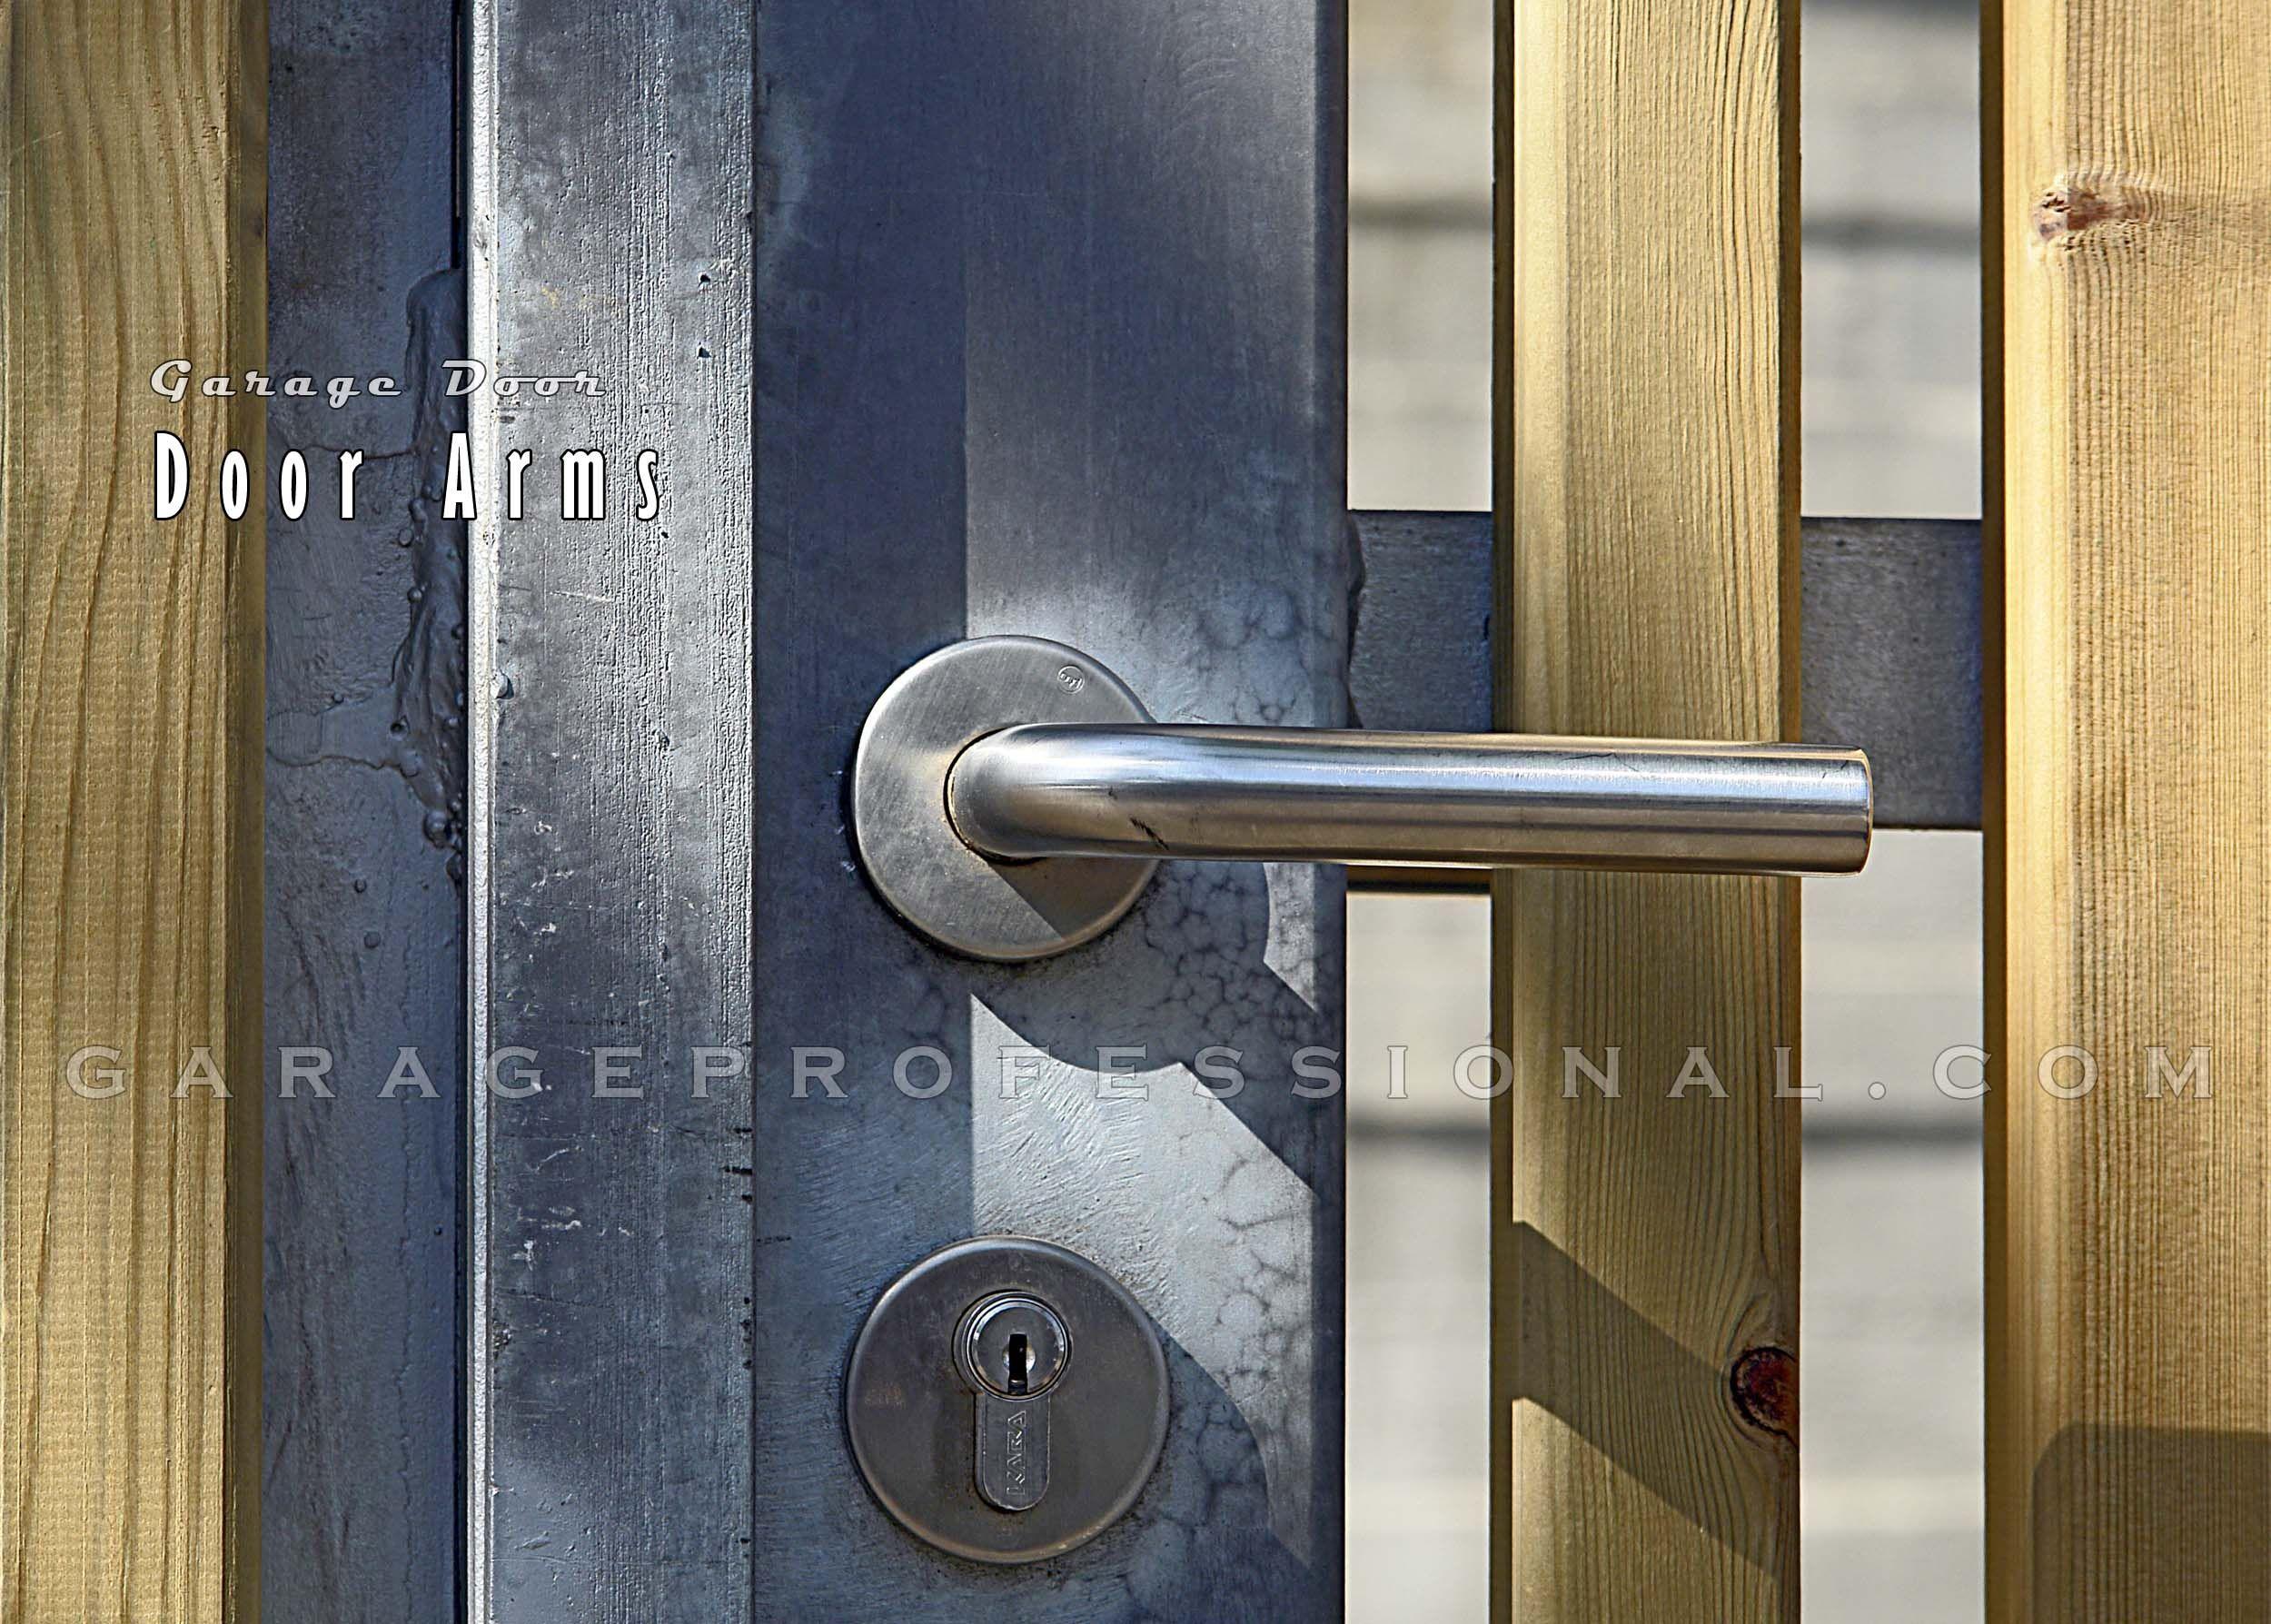 Garage door lock latch  Let the Garage Professional in Van Nuys CA handle all of your